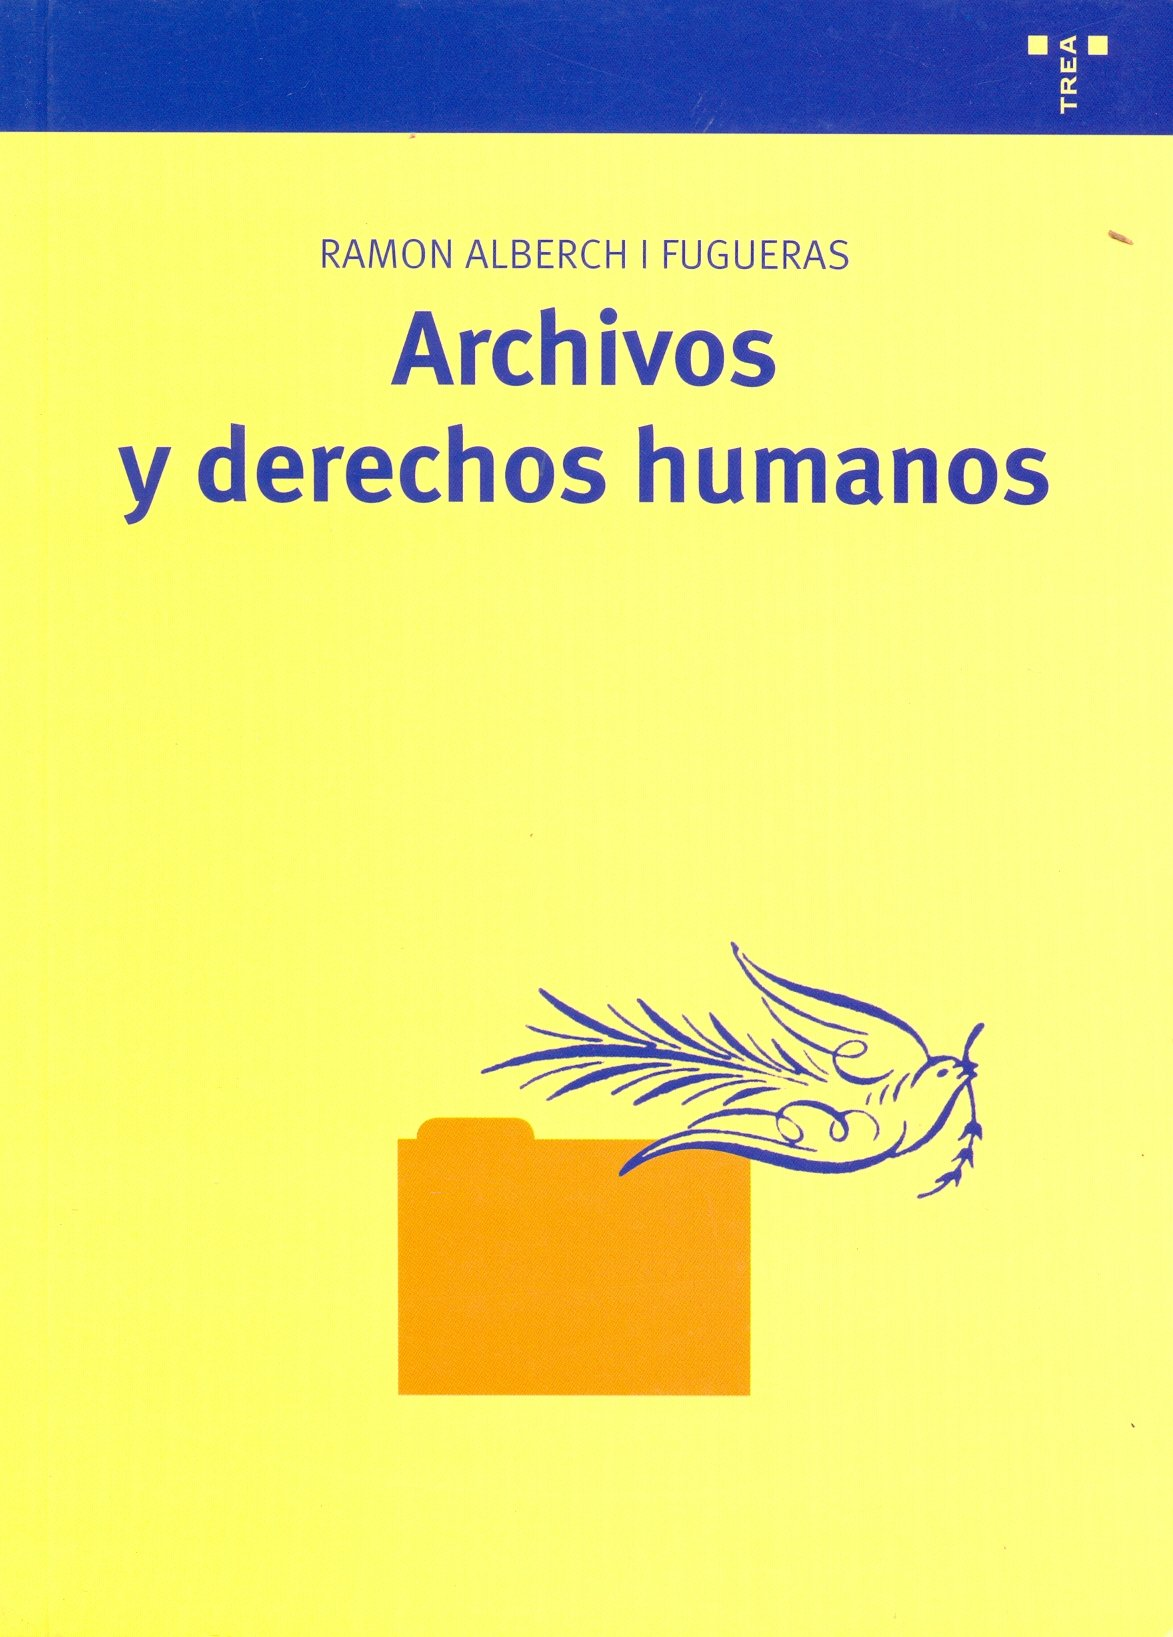 Archivos y derechos humanos (Biblioteconomía y Administración Cultural) Tapa blanda – 1 abr 2008 Ramón Alberch i Fugueras Ediciones Trea S.L. 849704360X